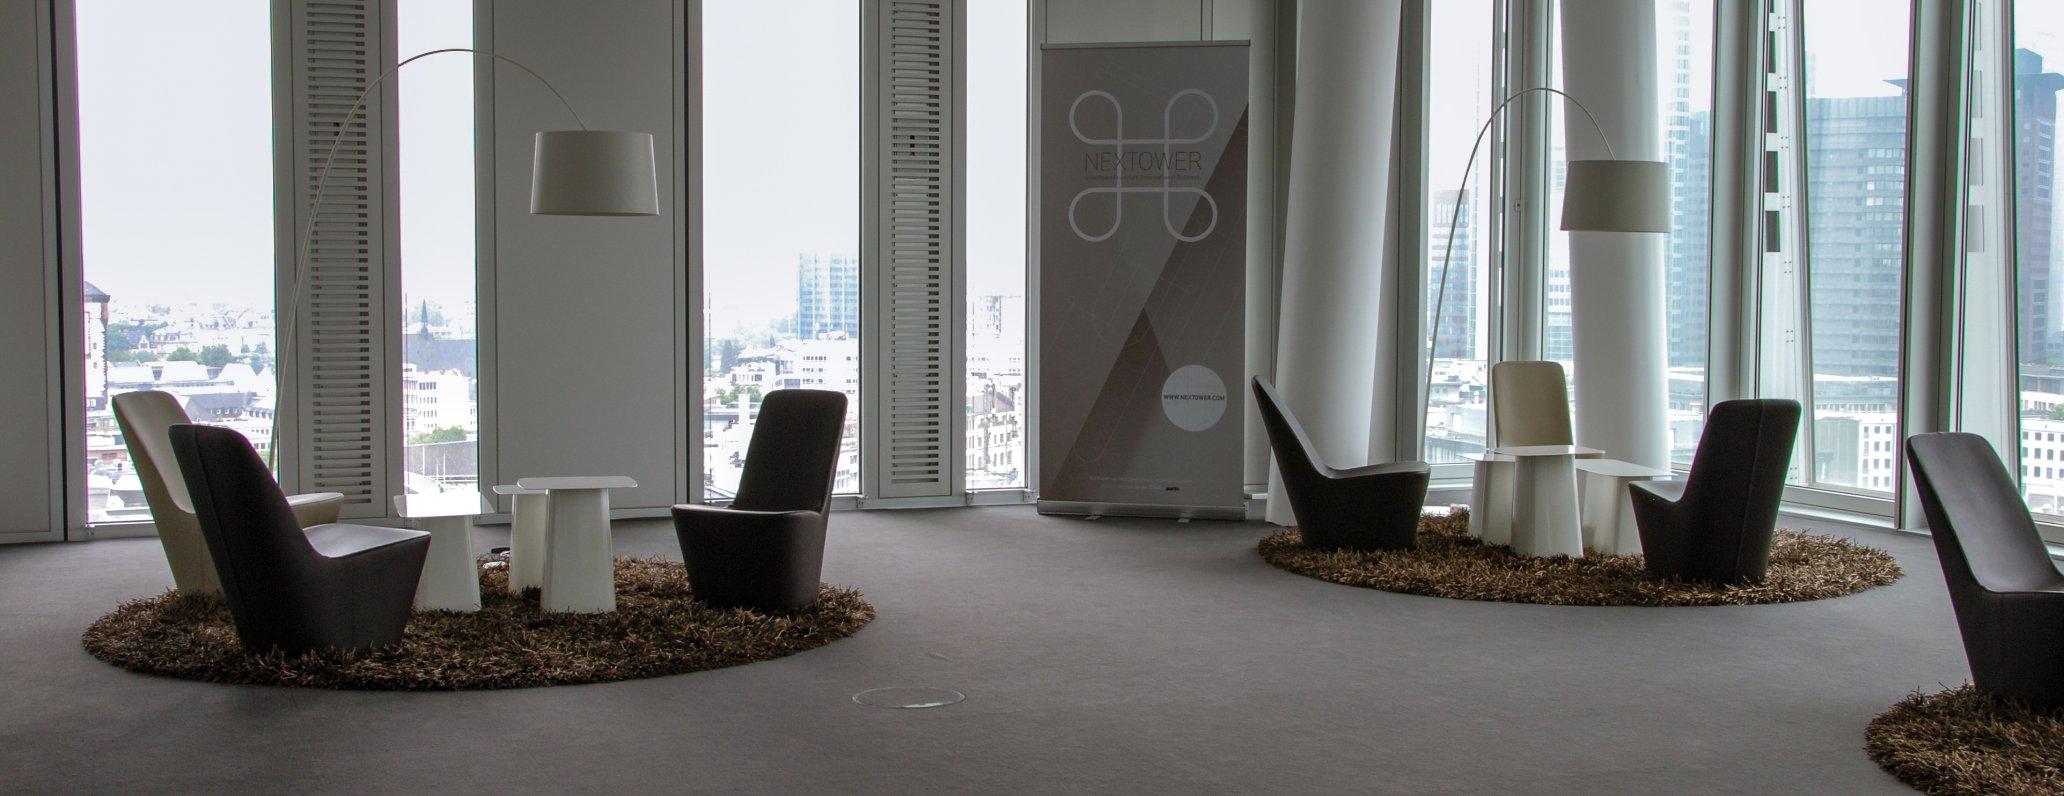 Nextower Frankfurt Innenausstattung Fur Einen Neuen Buroturm